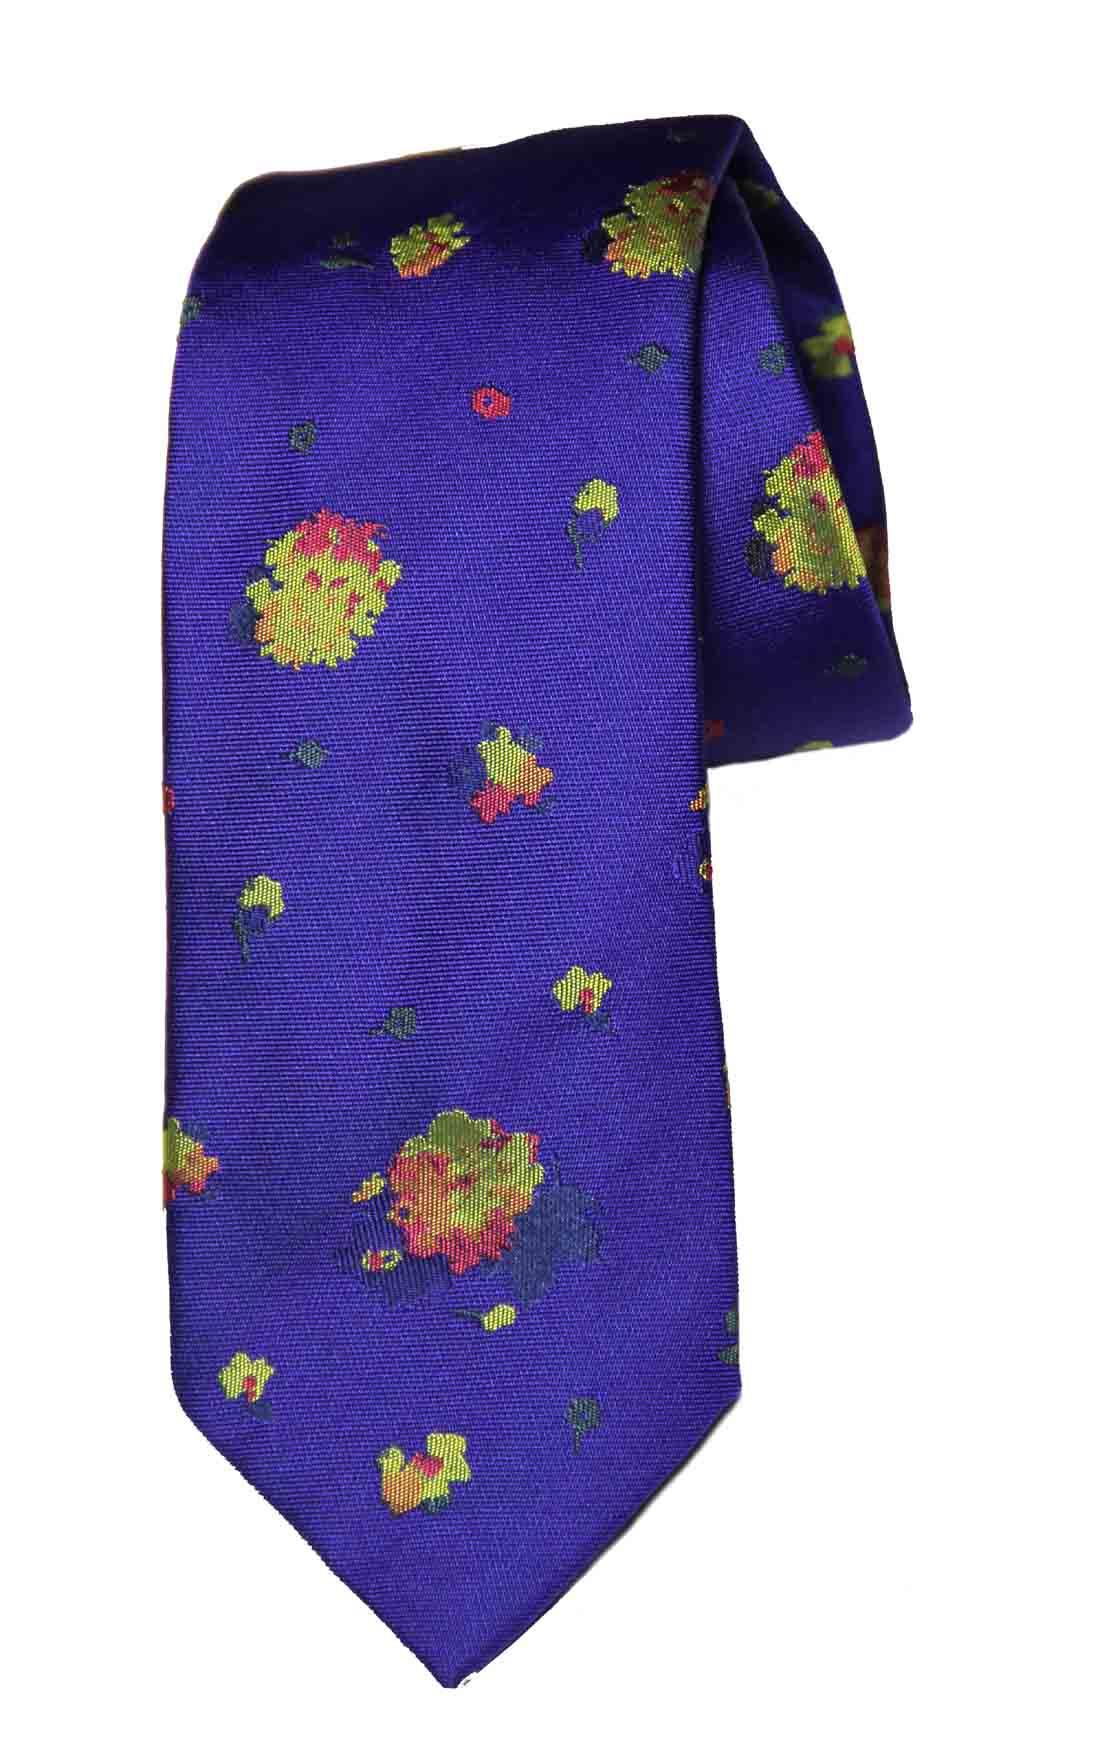 Thomas Pink Mitcham Flower Silk Tie Purple Yellow Green Orange Red Men's